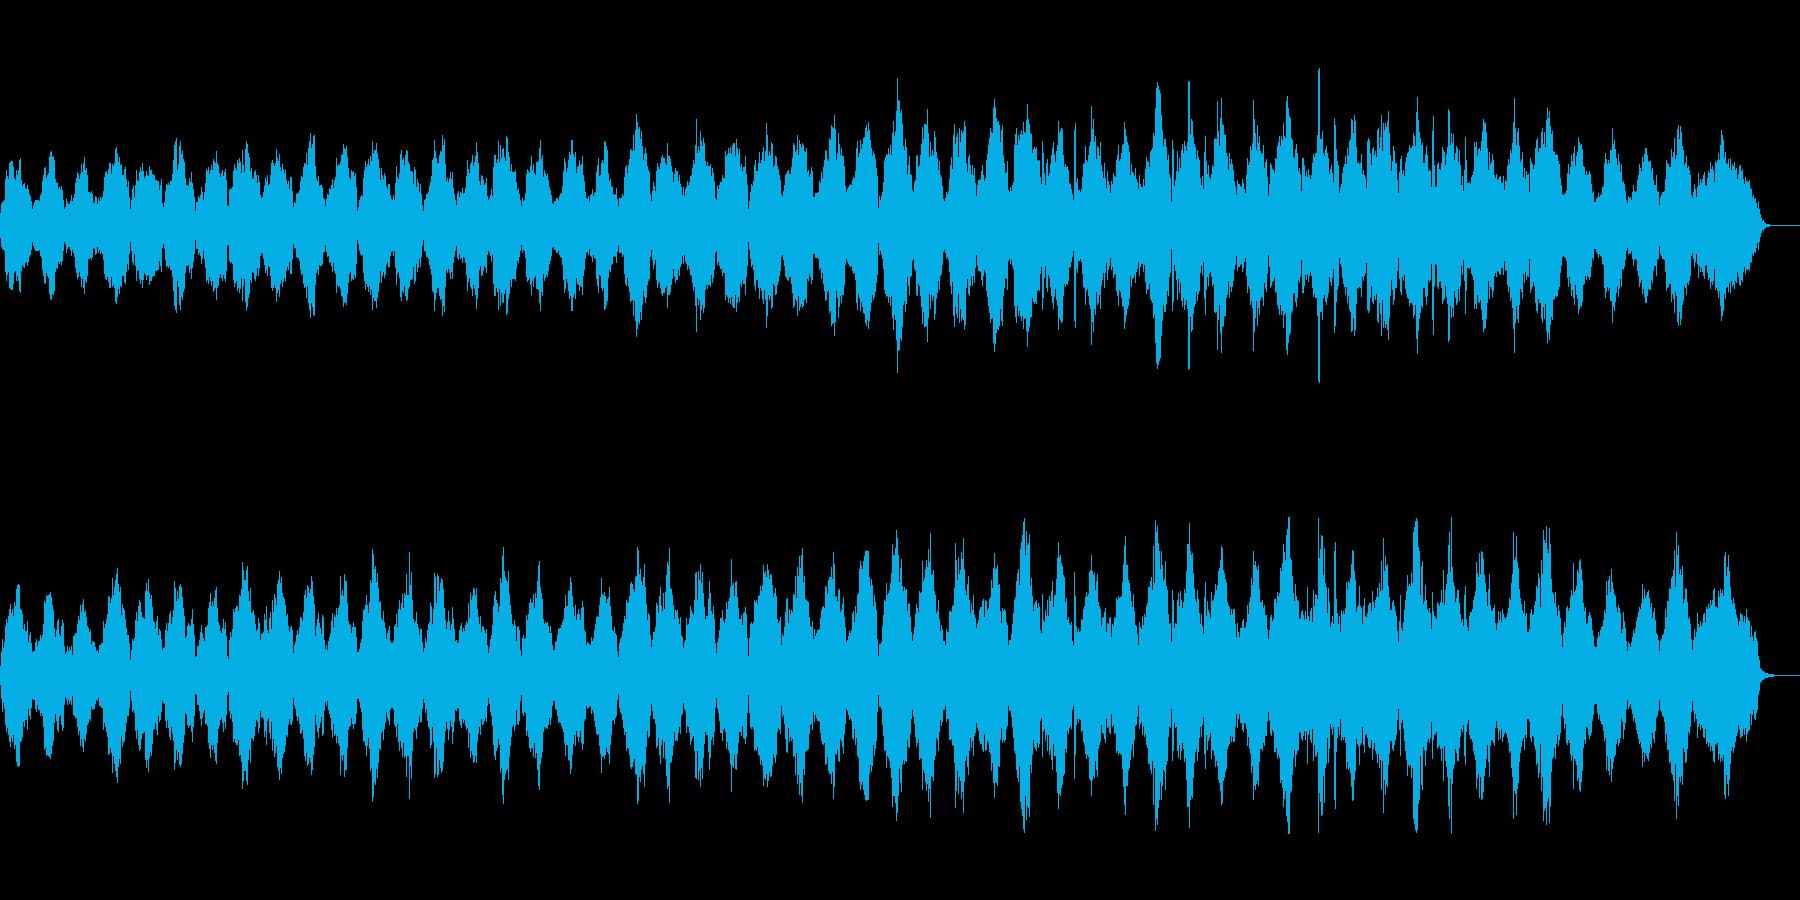 ホルン等を使用したミニマルなアンビエントの再生済みの波形